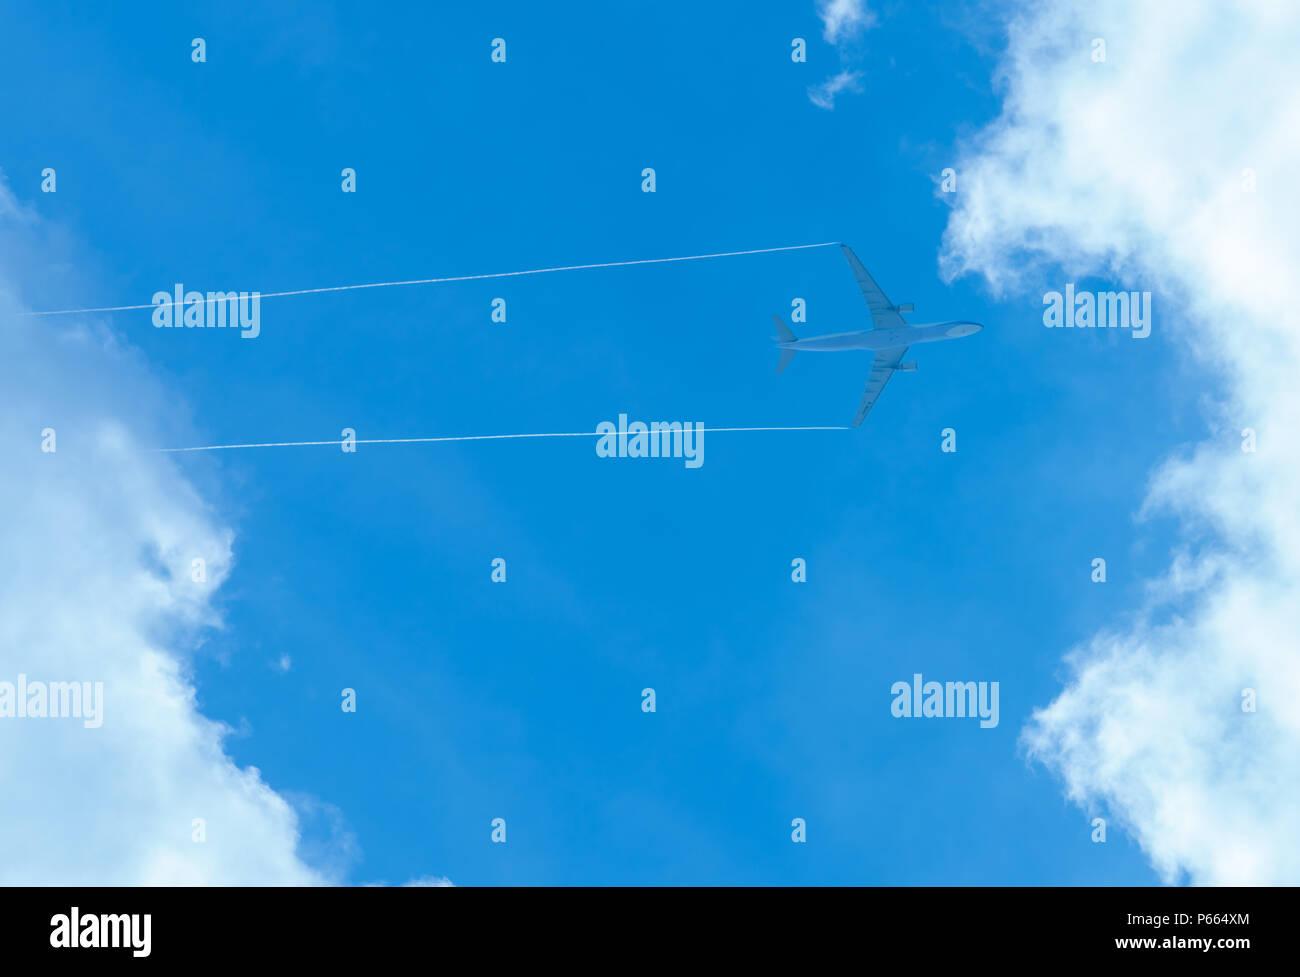 Velivolo sul cielo blu e nuvole bianche. Linea aerea commerciale battenti sul cielo blu. Viaggio Volo per le vacanze. Trasporto aereo. Immagini Stock